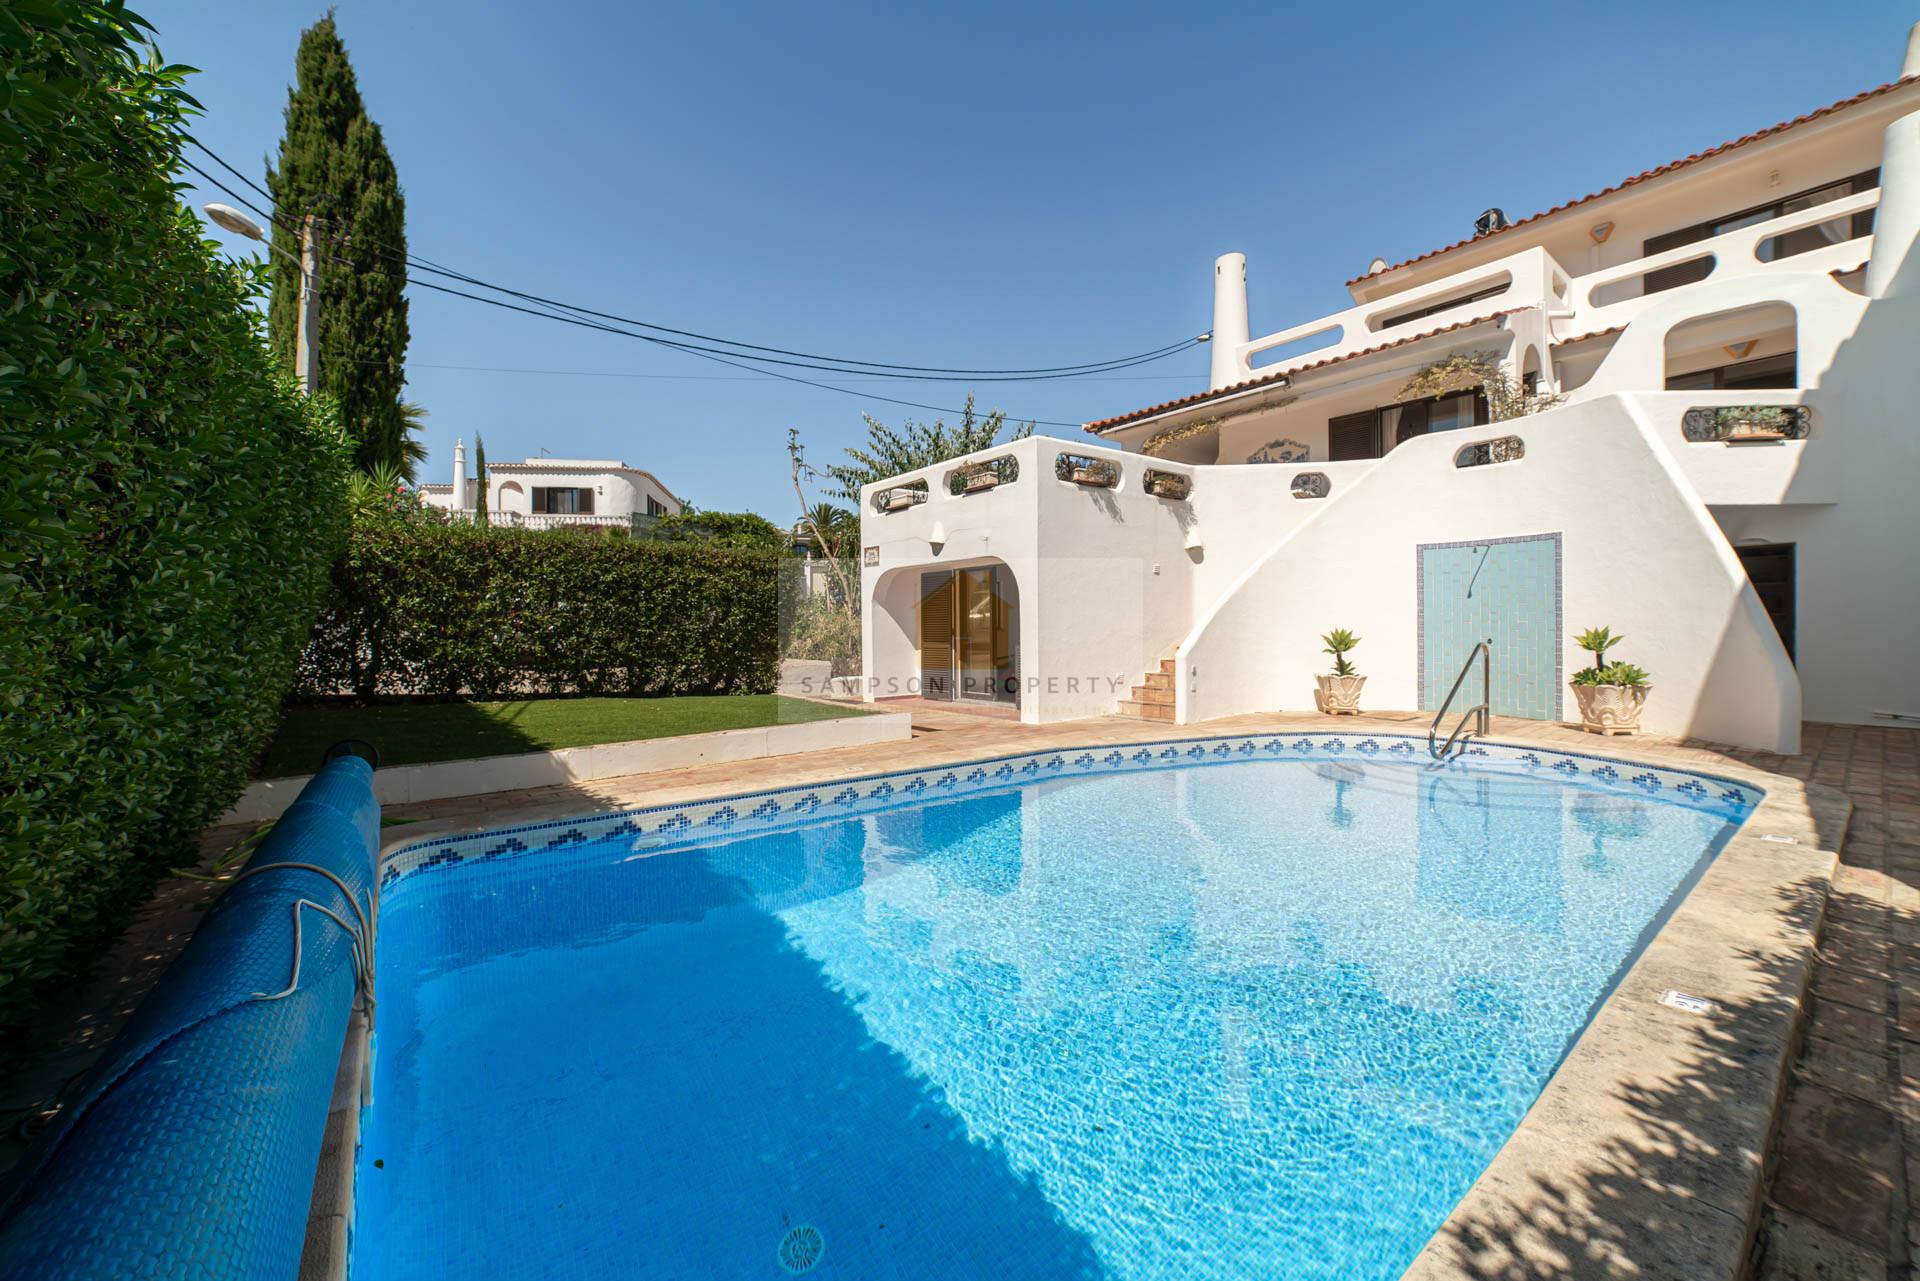 3 bedroom villa for sale in Sesmarias